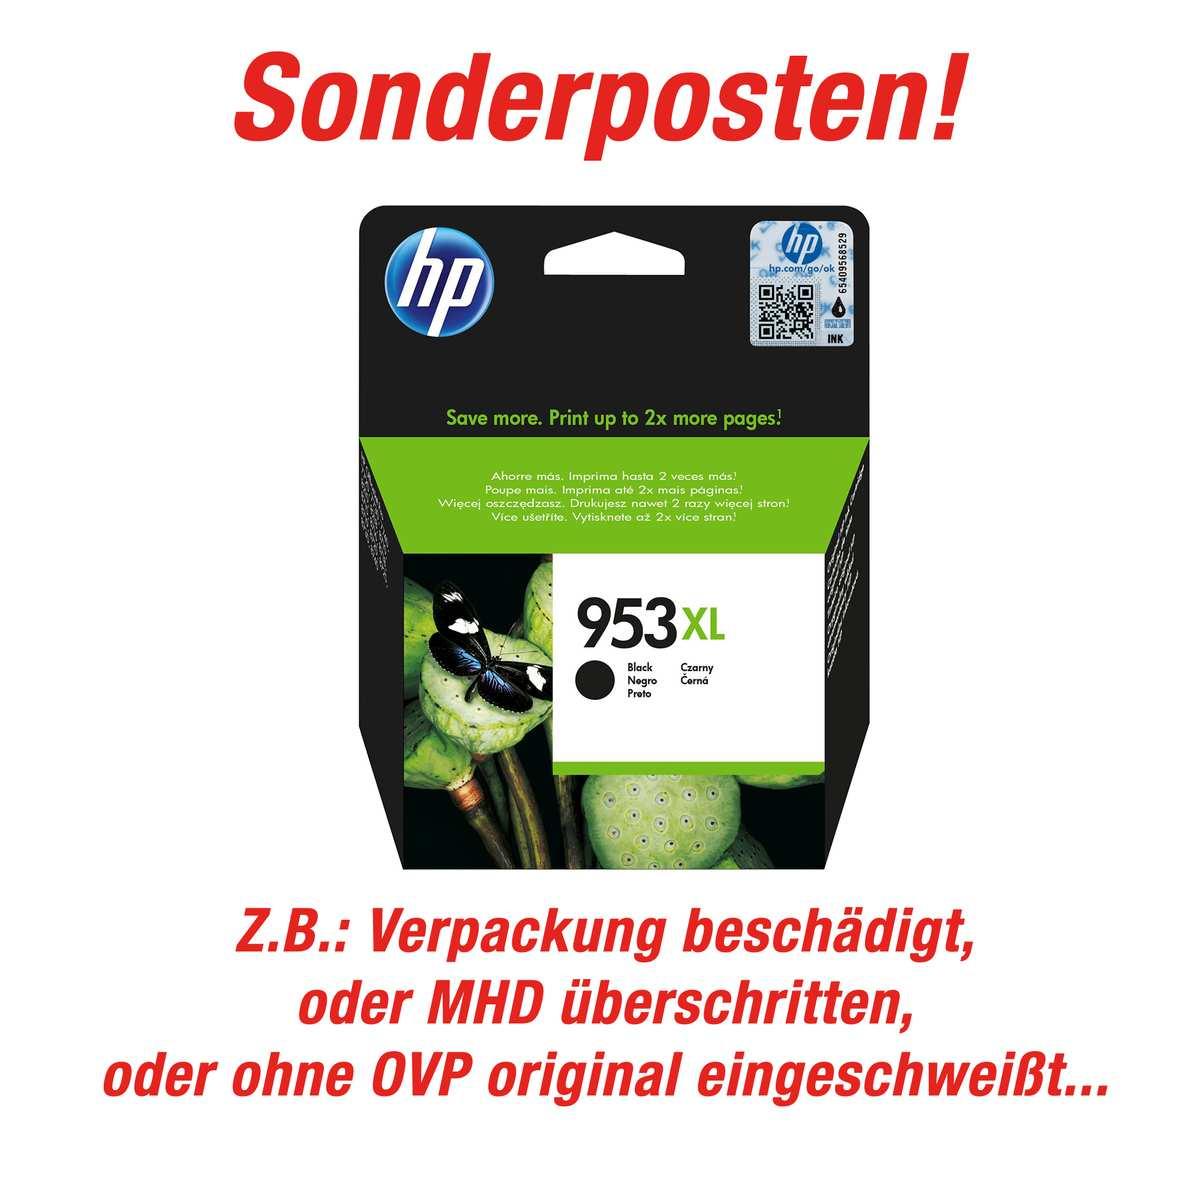 HP 953 XL schwarz (Sonderposten)